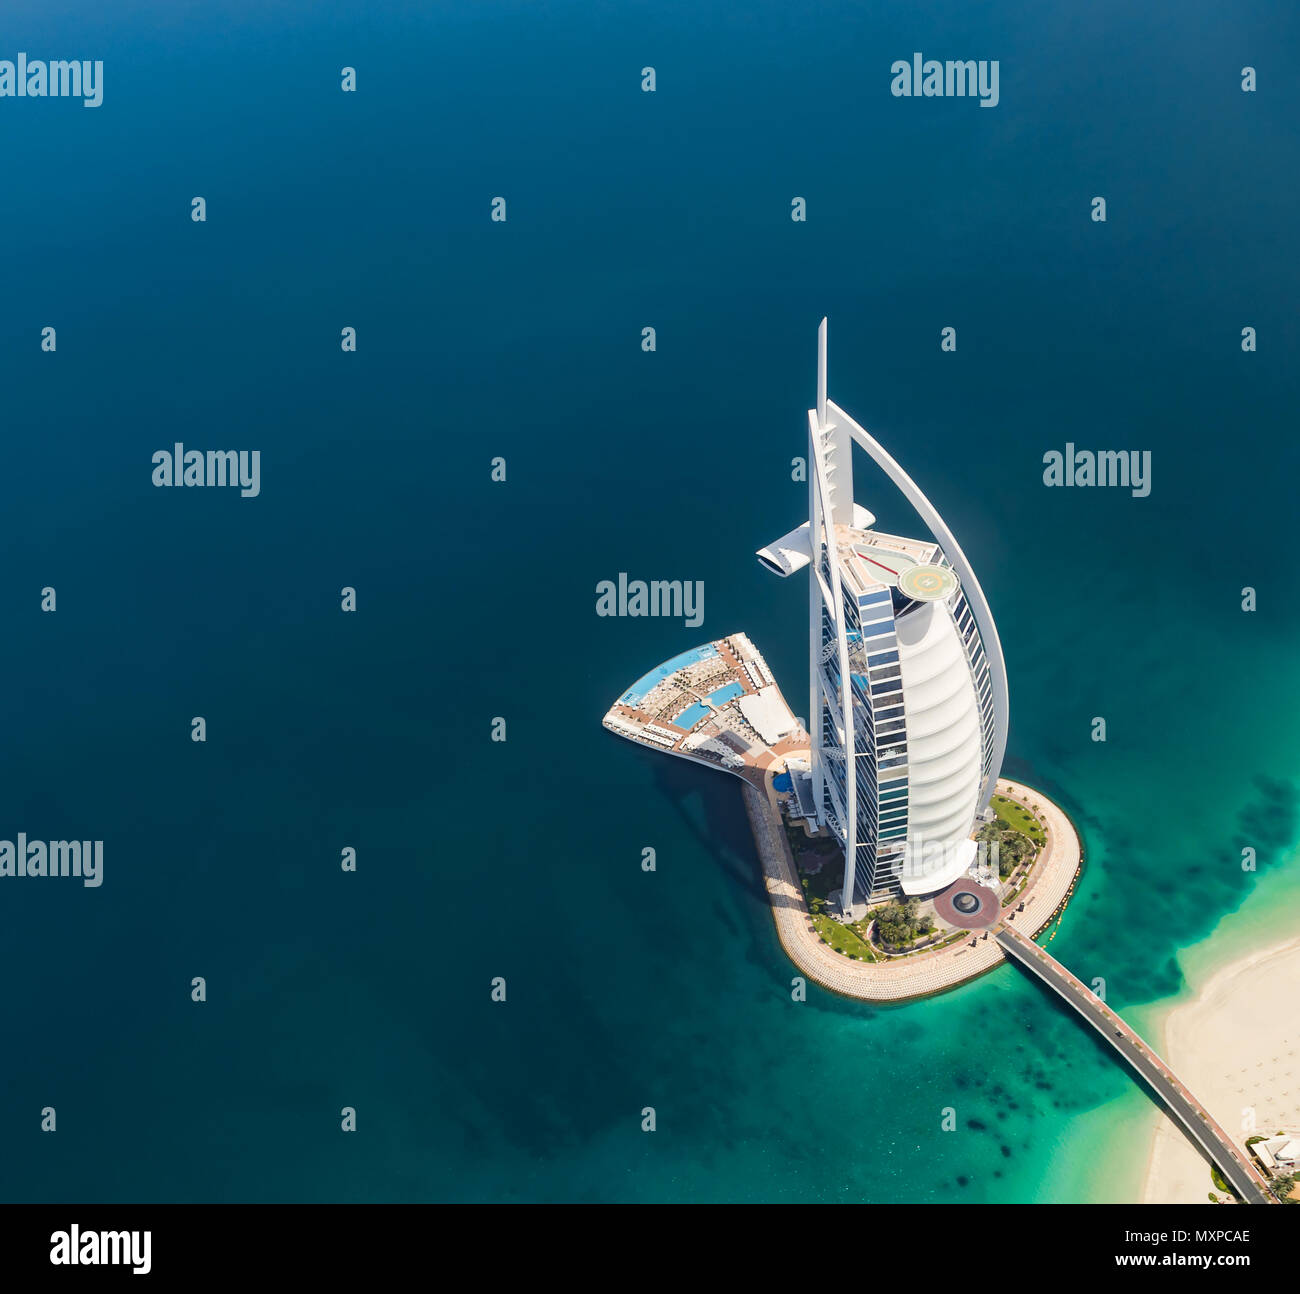 DUBAI, Emirati Arabi Uniti - Marzo 2018: vista aerea del Burj Al Arab hotel in Dubai, uno dei più lussuosi hotel nel mondo. Immagini Stock